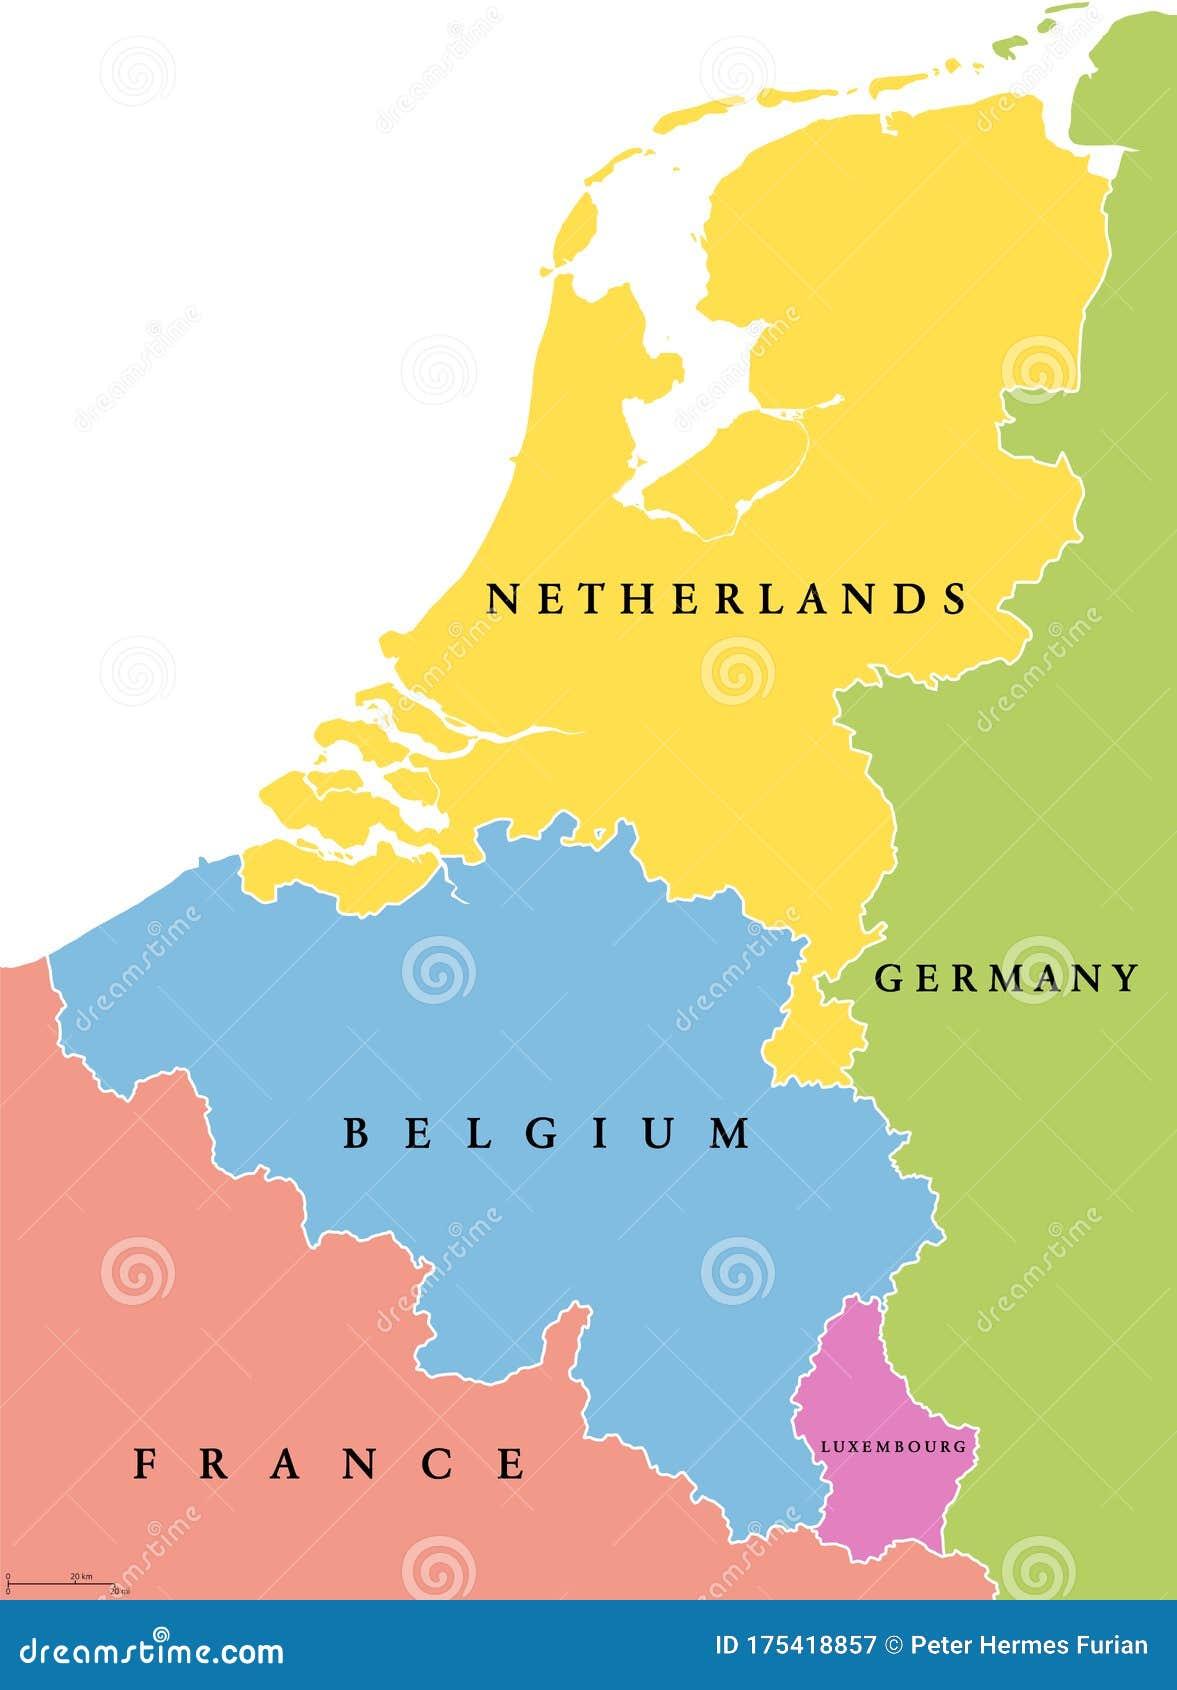 Cartina Olanda Politica.Benelux Belgio Paesi Bassi E Lussemburgo Stati Unici Cartina Politica Illustrazione Vettoriale Illustrazione Di Benelux Isolato 175418857